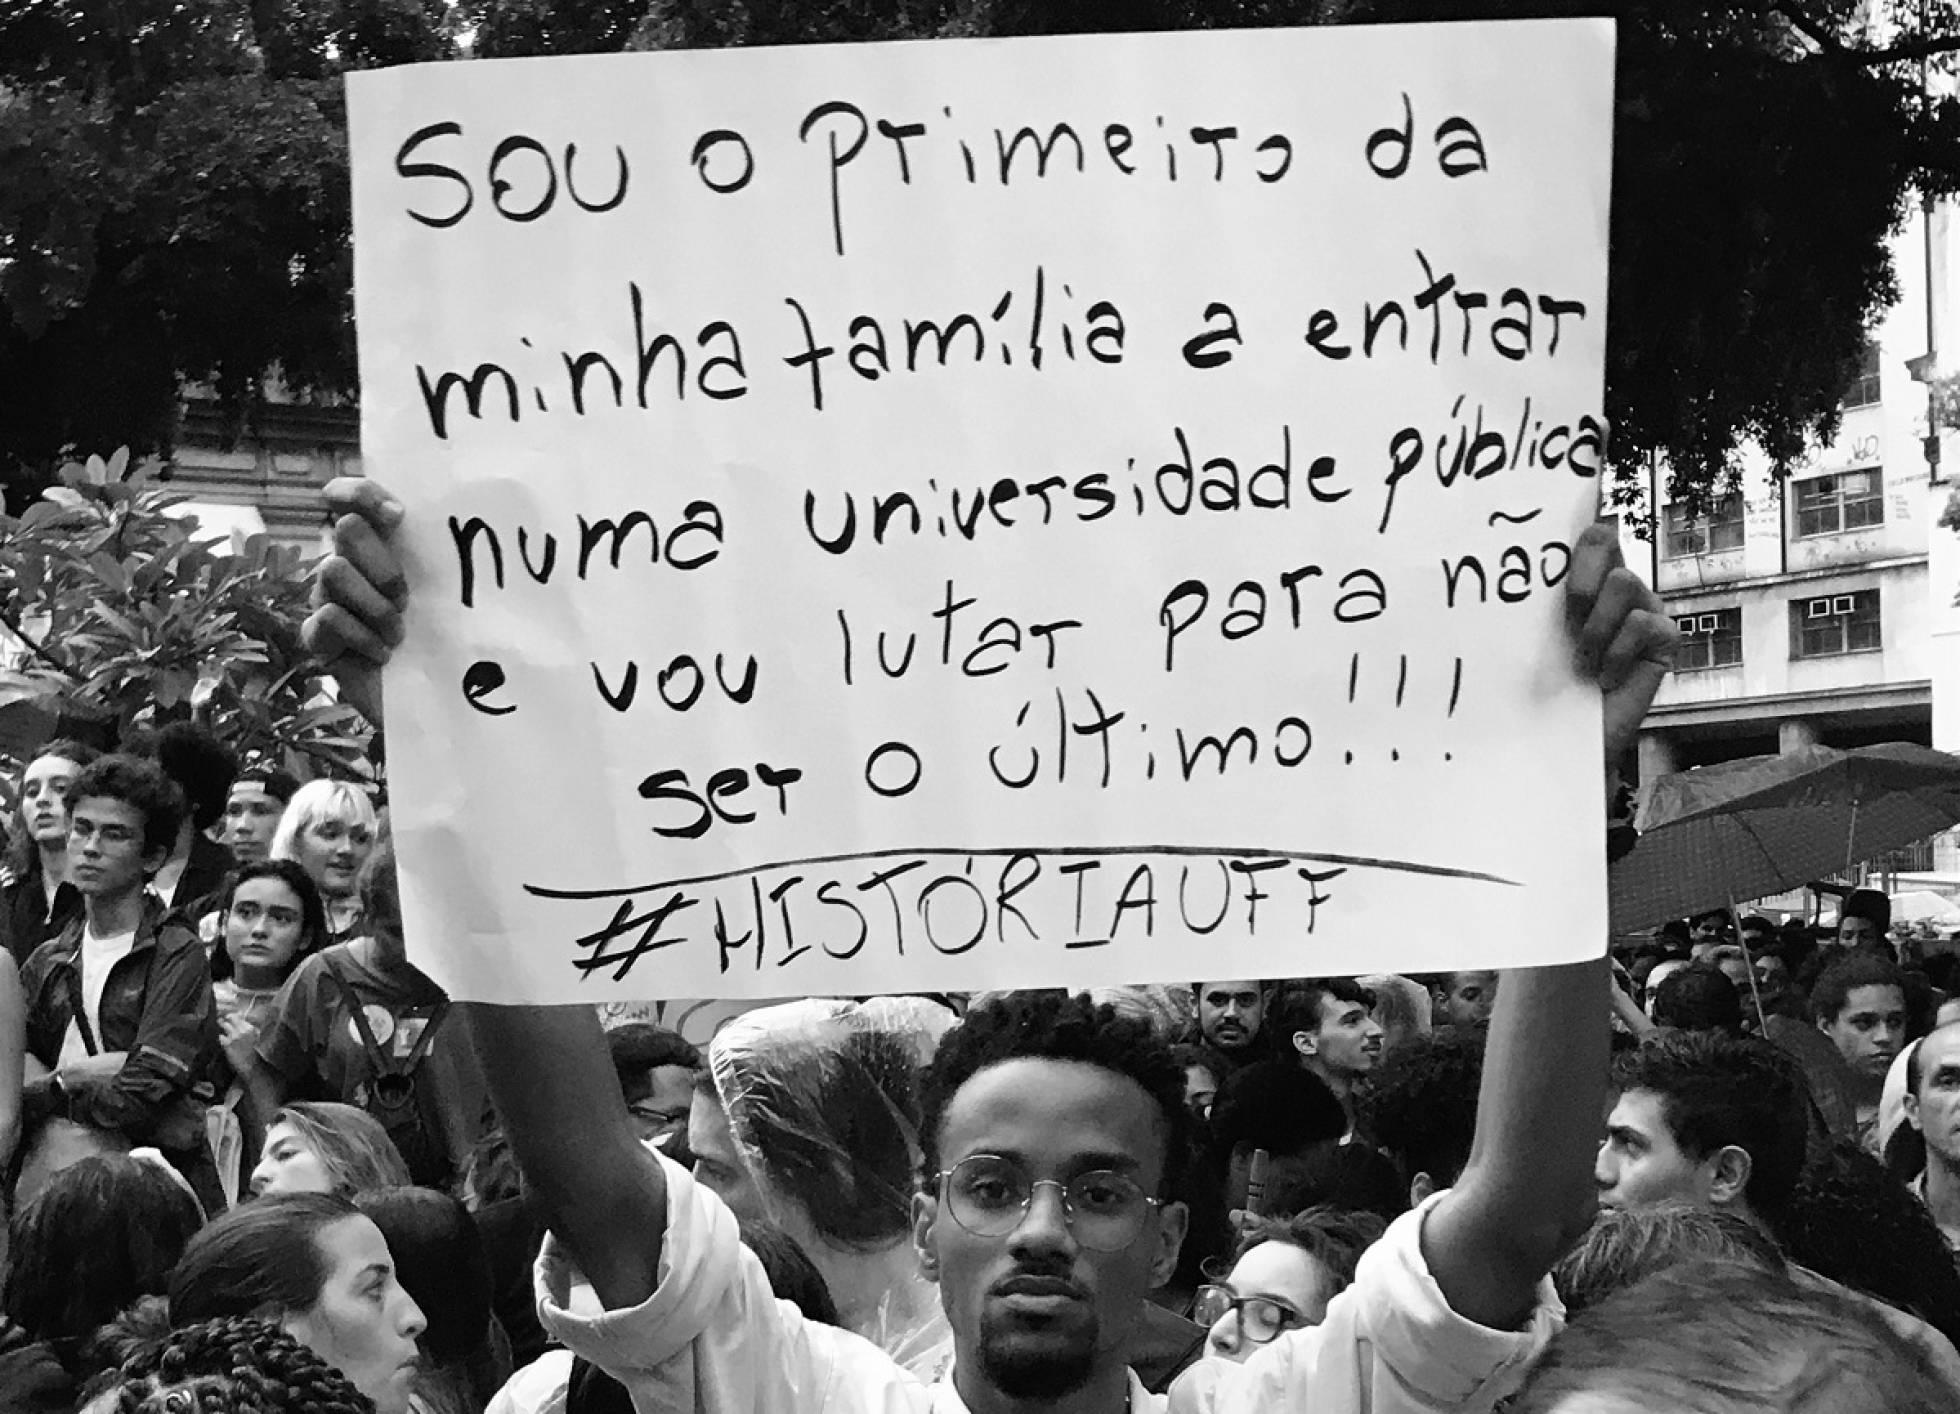 O Brasil por trás do cartaz de uma manifestação